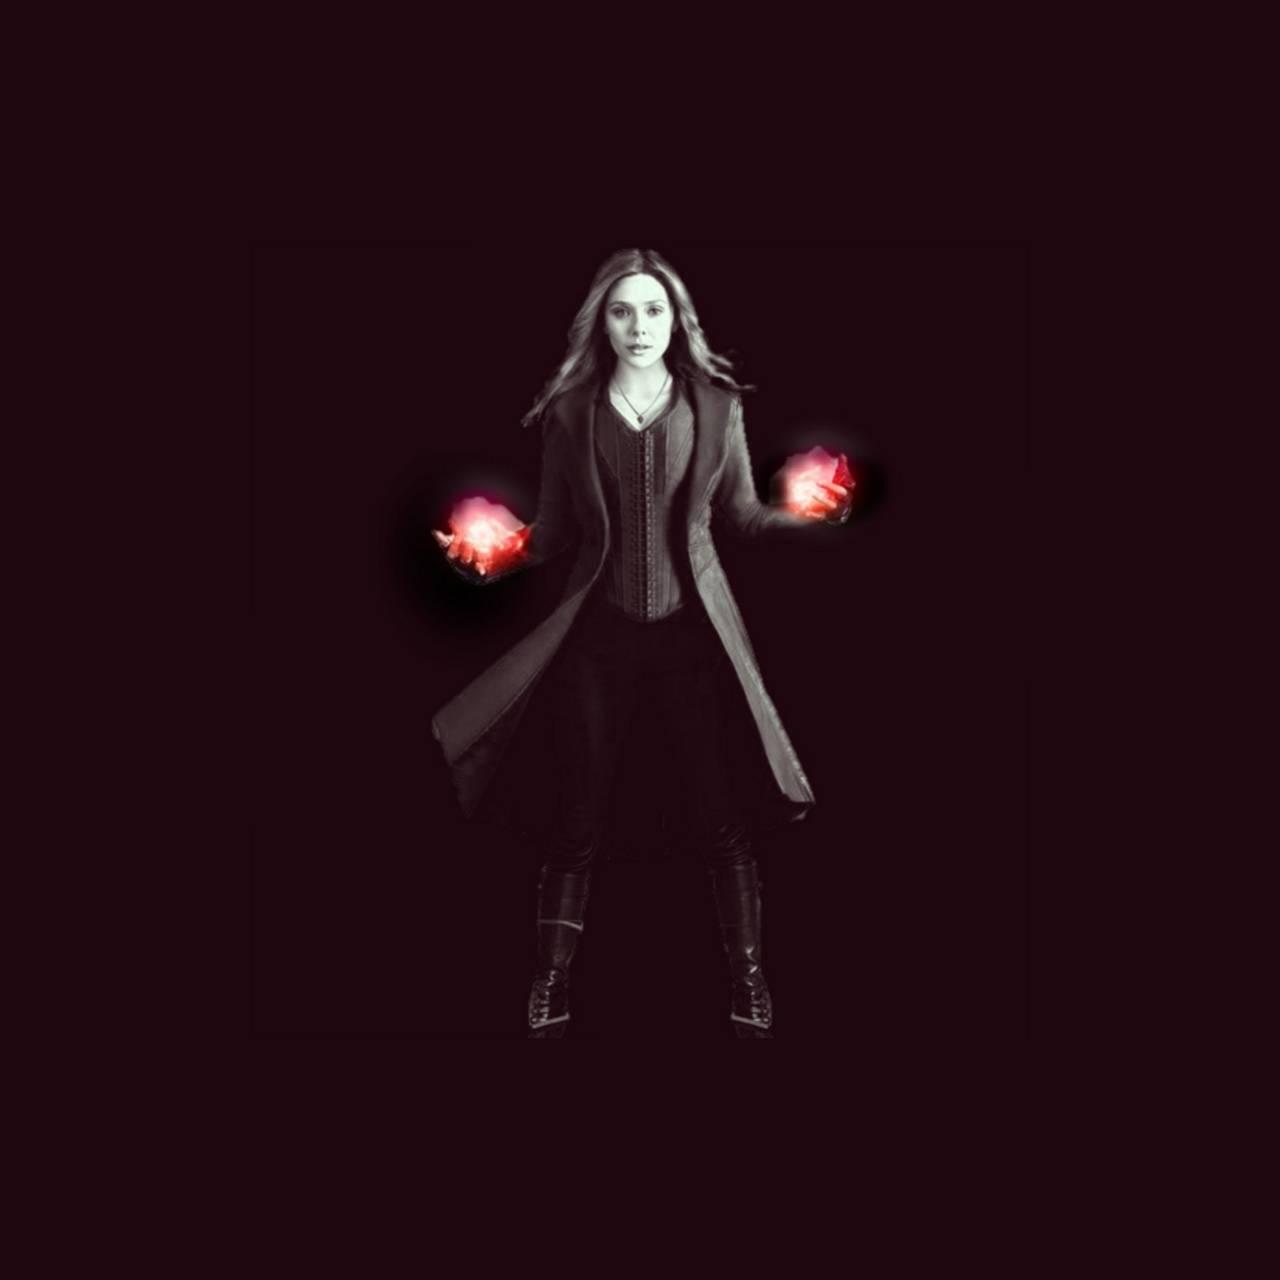 Scarlet Witch custom